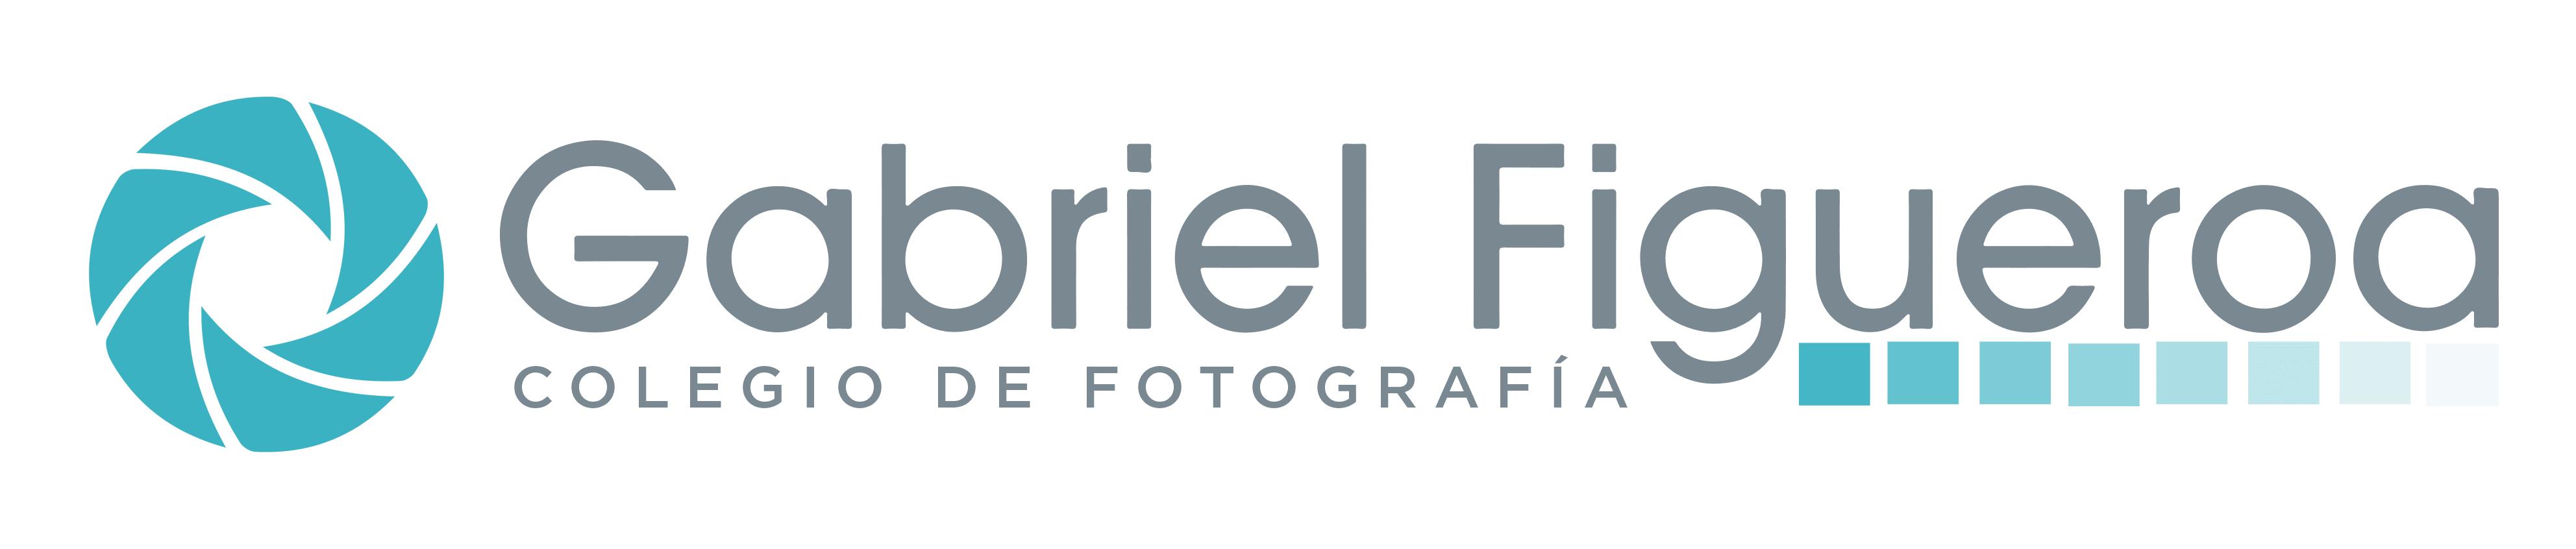 Colegio de Fotografía Gabriel Figueroa